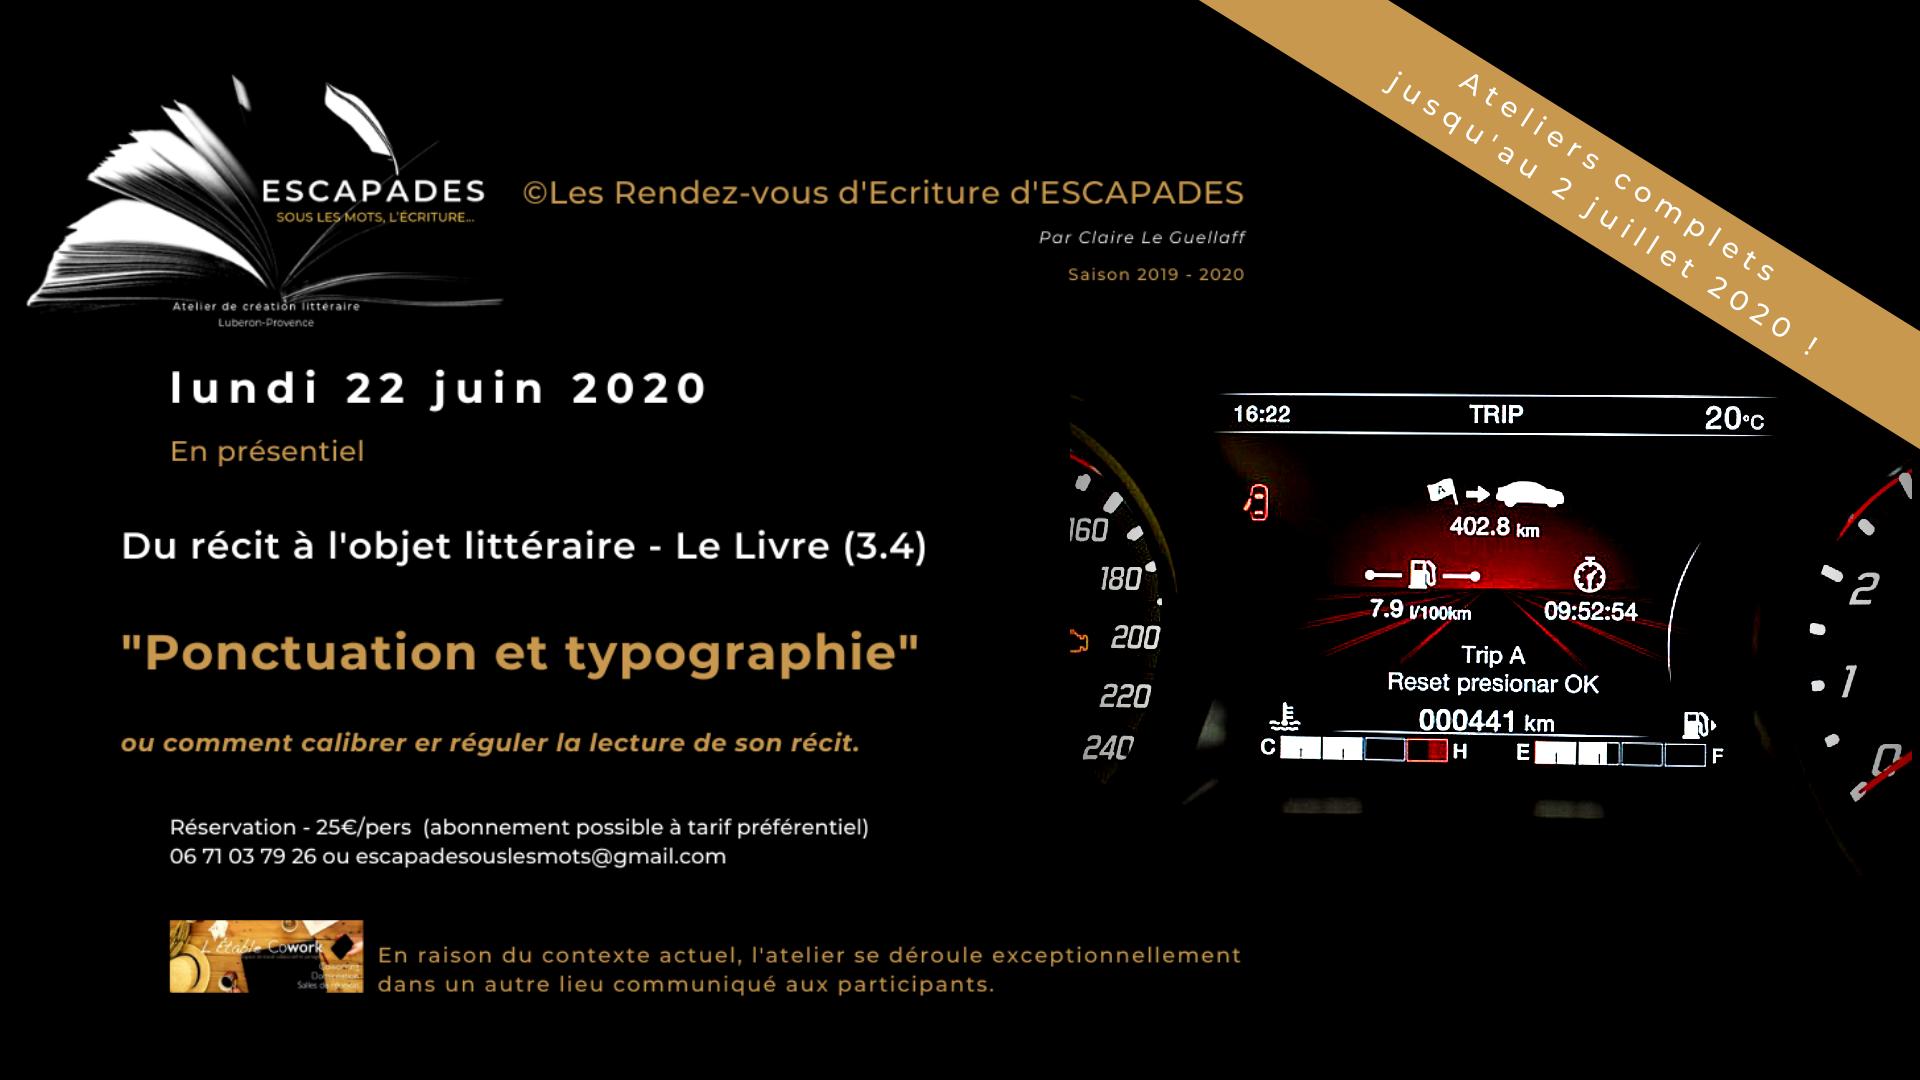 """Du récit à l'objet littéraire  (Cycle 3.4) : """"Ponctuation et typographie."""""""